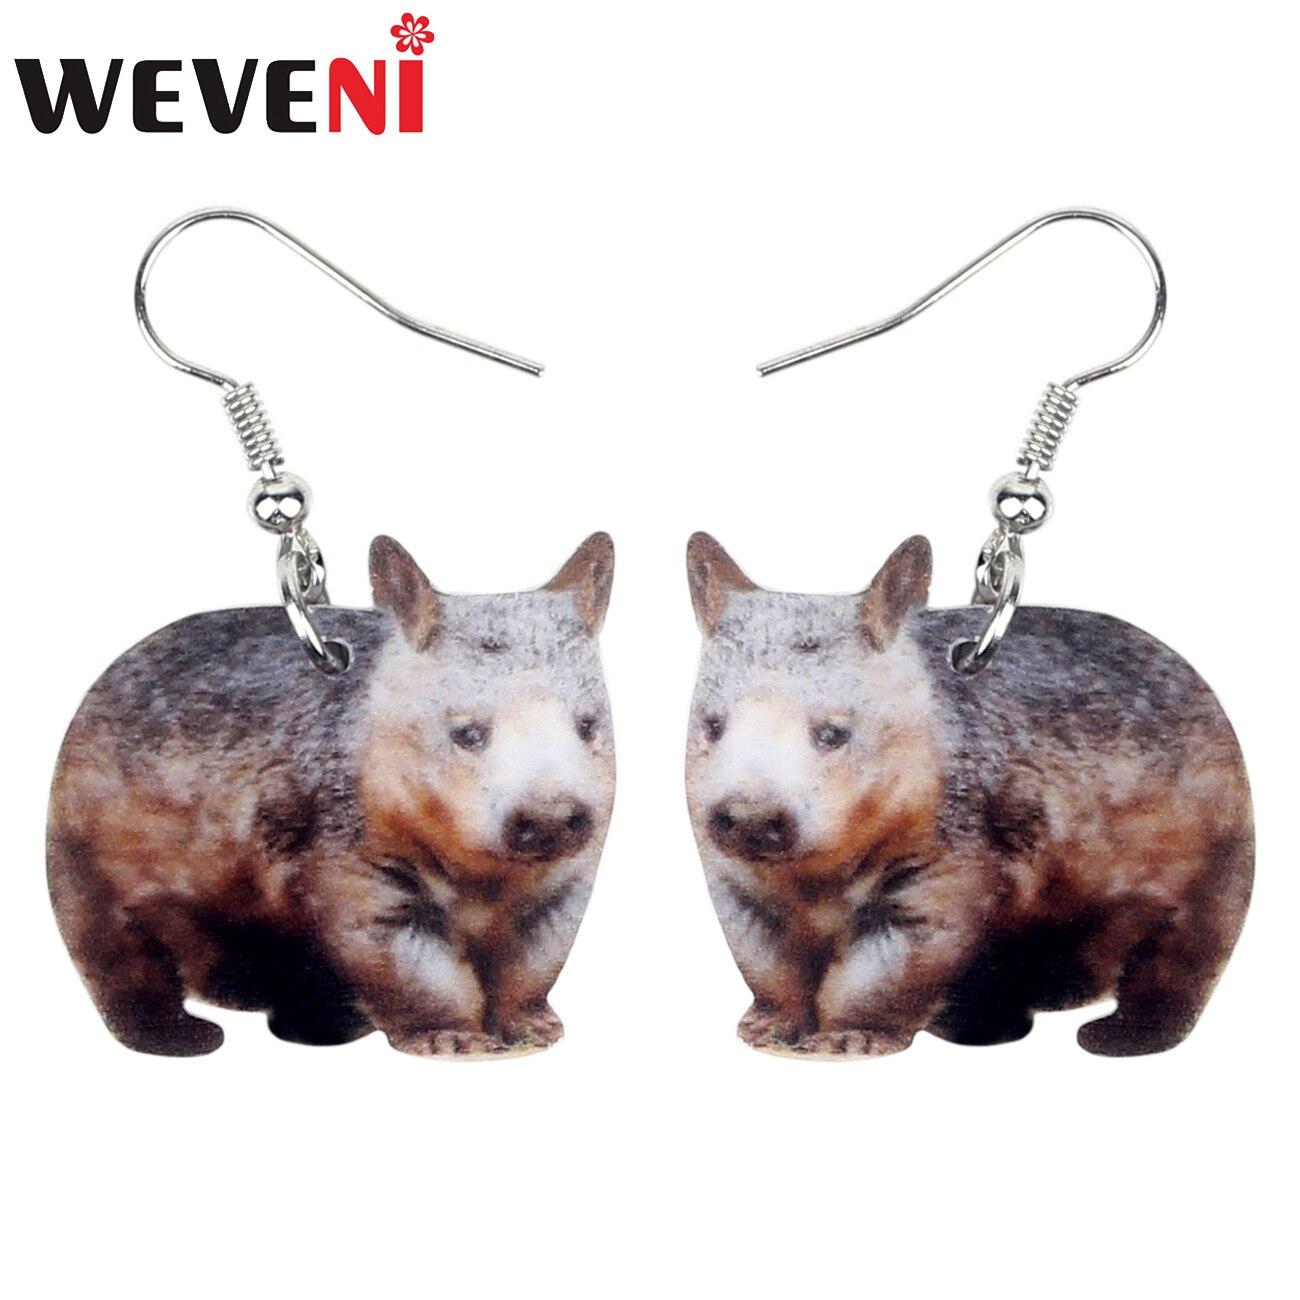 WEVENI Acrylic Australian Wombat Earrings Drop Dangle Cartoon Fun Animal Jewelry For Women Girls Charms Souvenir Gift Brincos